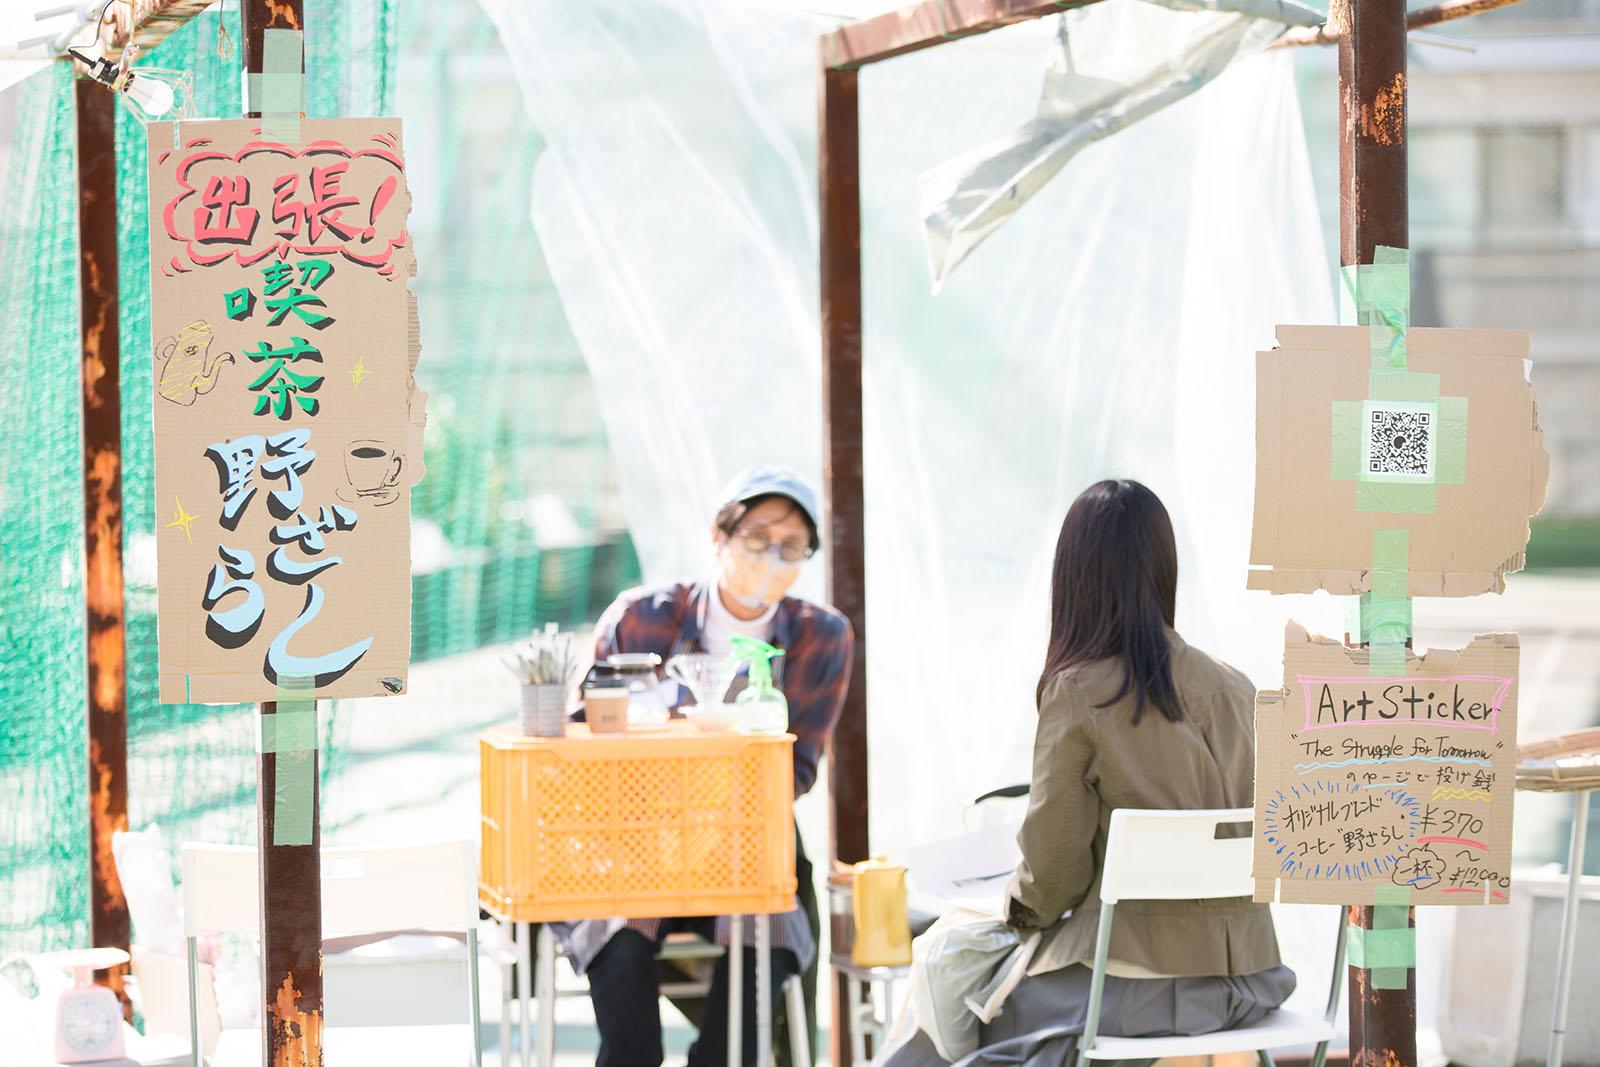 アートへの「加担」をテーマに元小学校の屋上で開催した展覧会